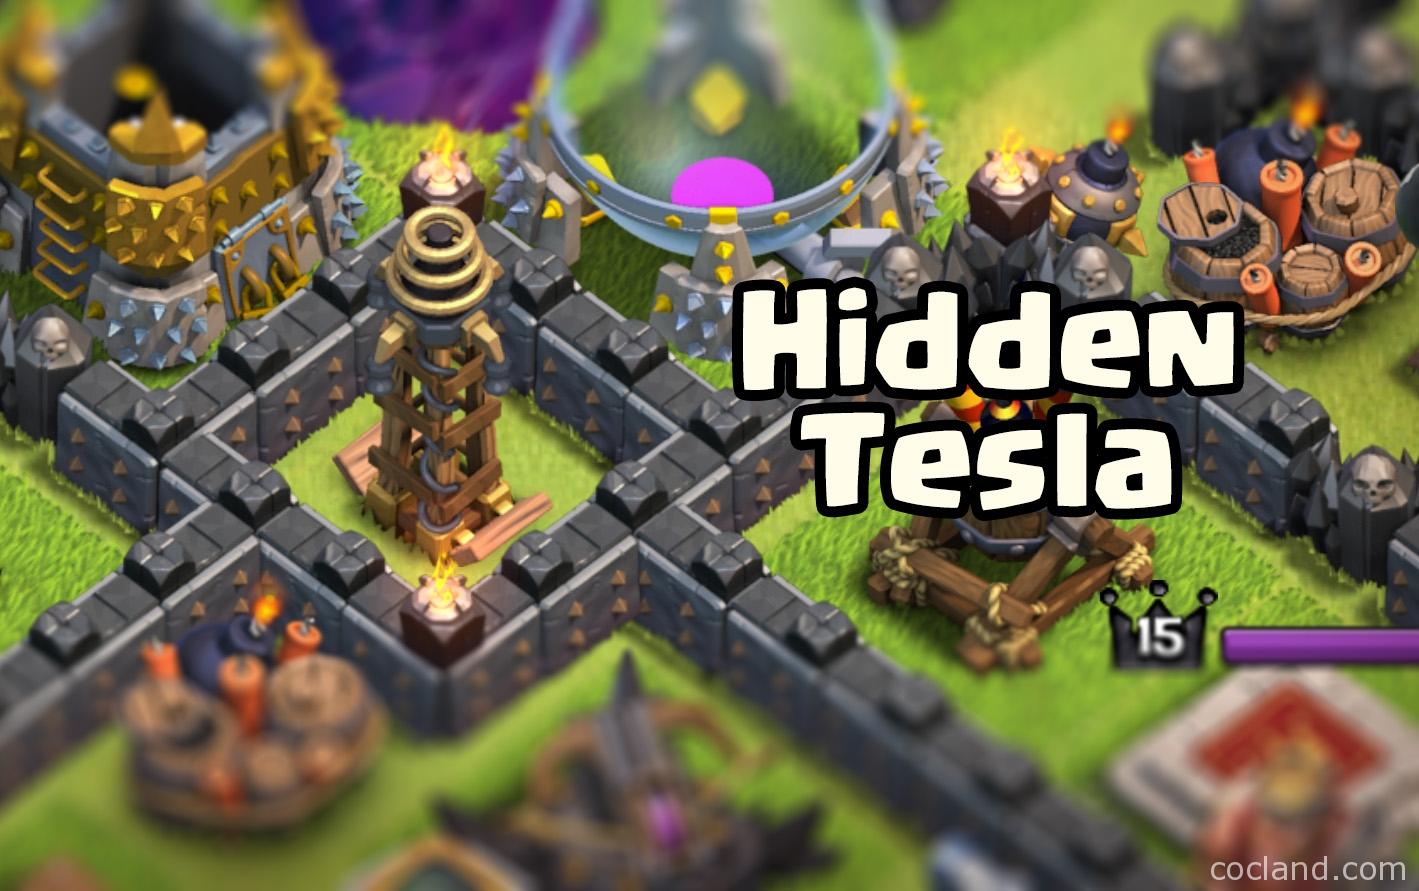 Hidden Tesla Clash of Clans